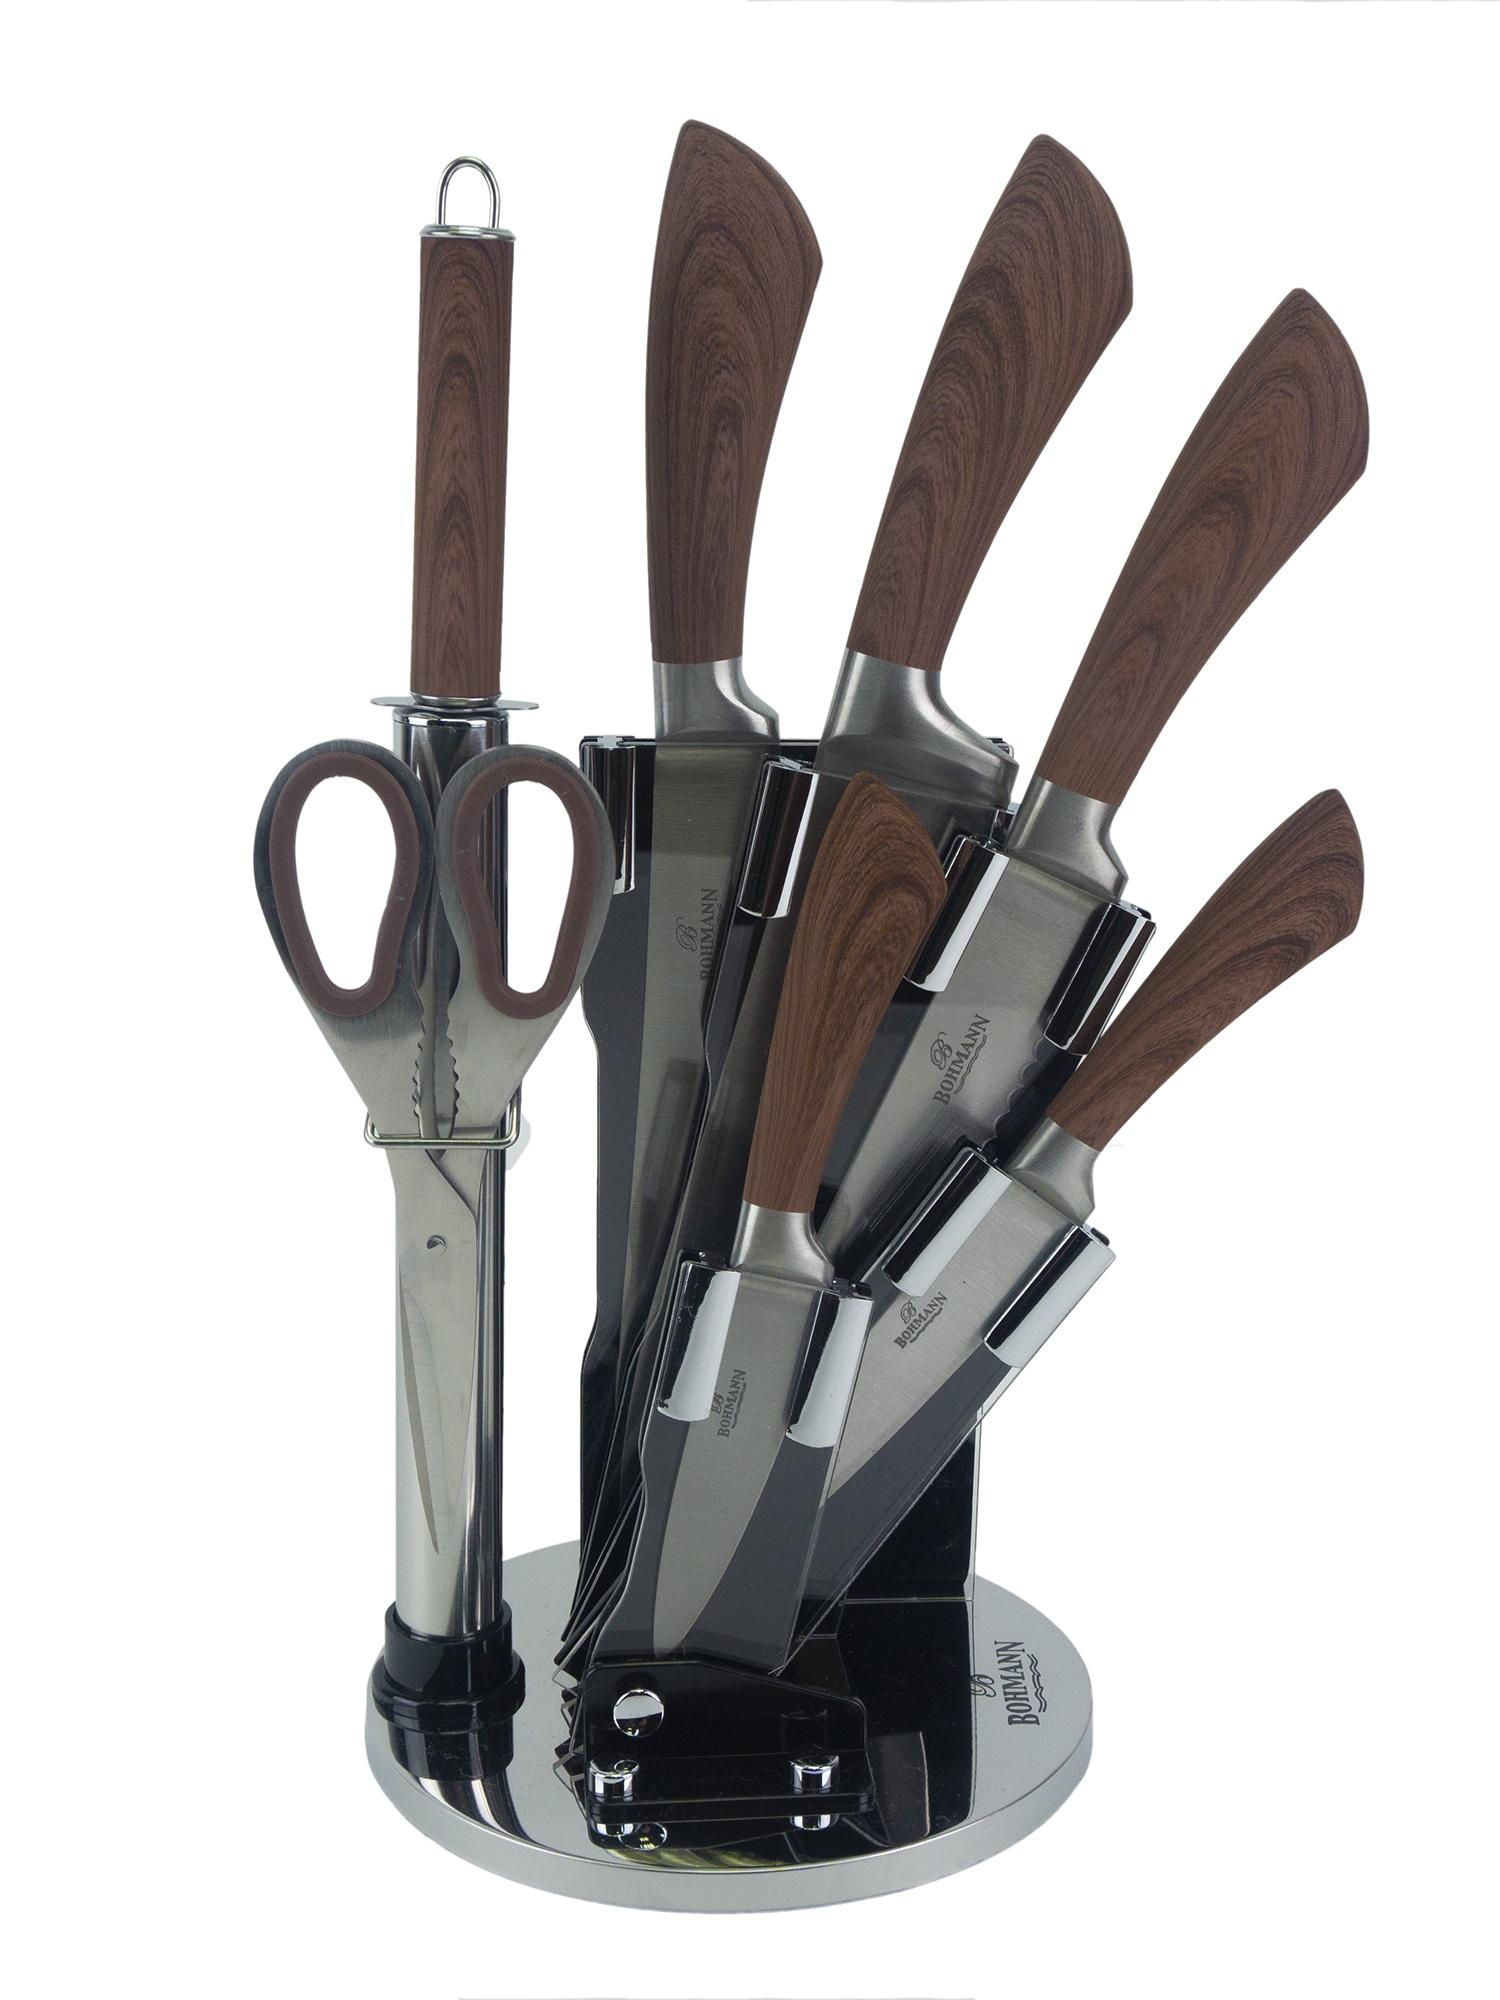 Нож столовый BOHMANN Набор ножей, светло-коричневый sharpeners кухня точило системы профессиональных нож новый исправить угол ножницы